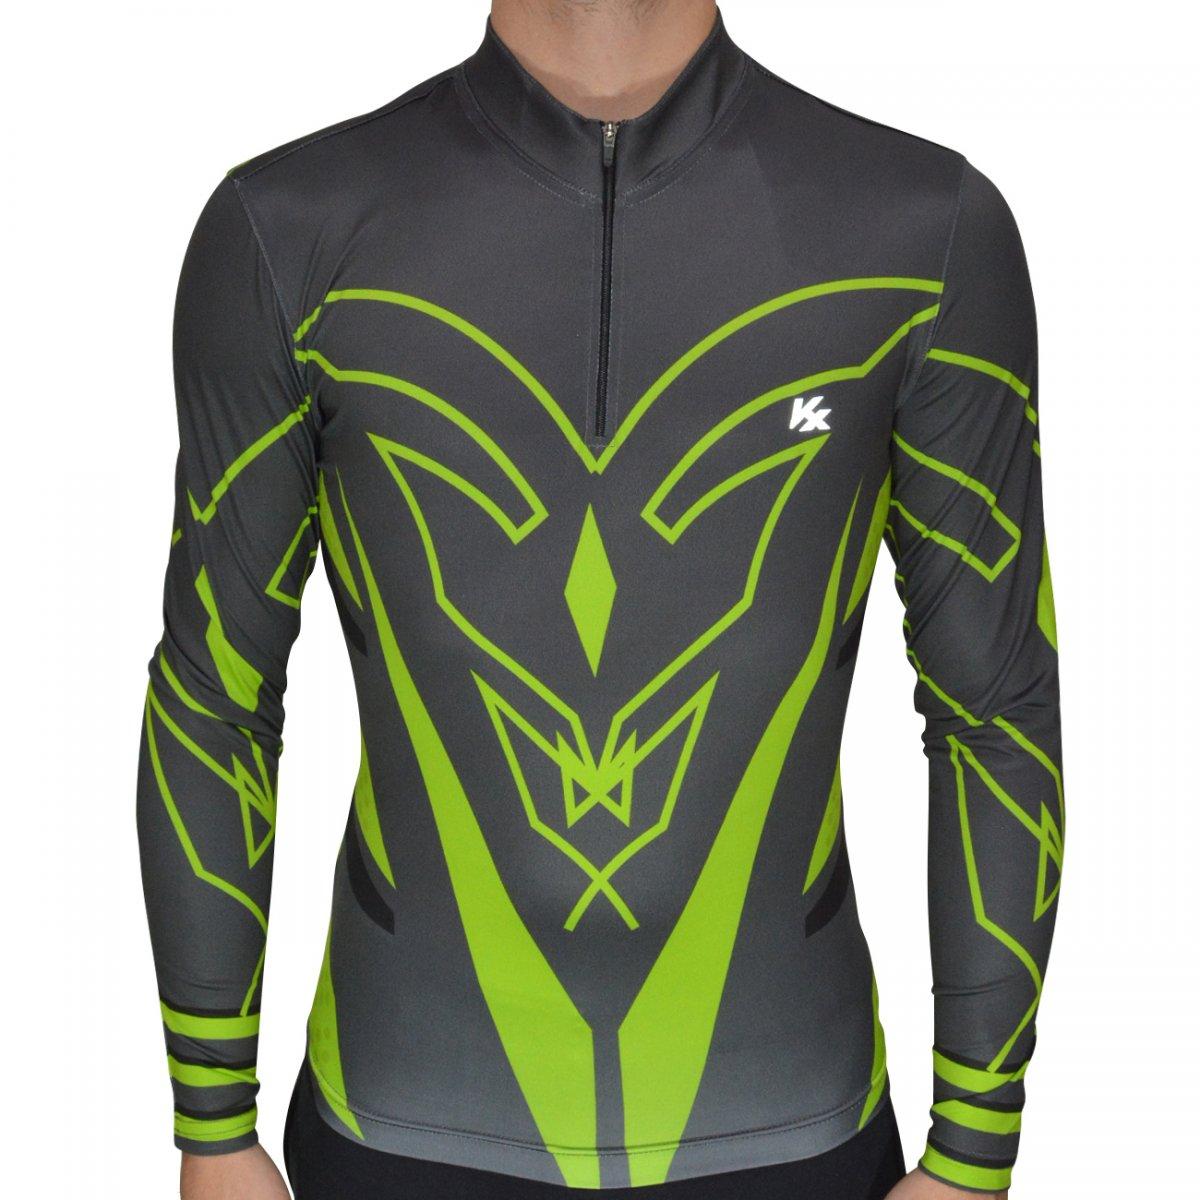 abe3f5e9e7e9b Camisa Kanxa Ciclista 7065 7065 - Chumbo/preto - Chuteira Nike, Adidas.  Sandalias Femininas. Sandy Calçados